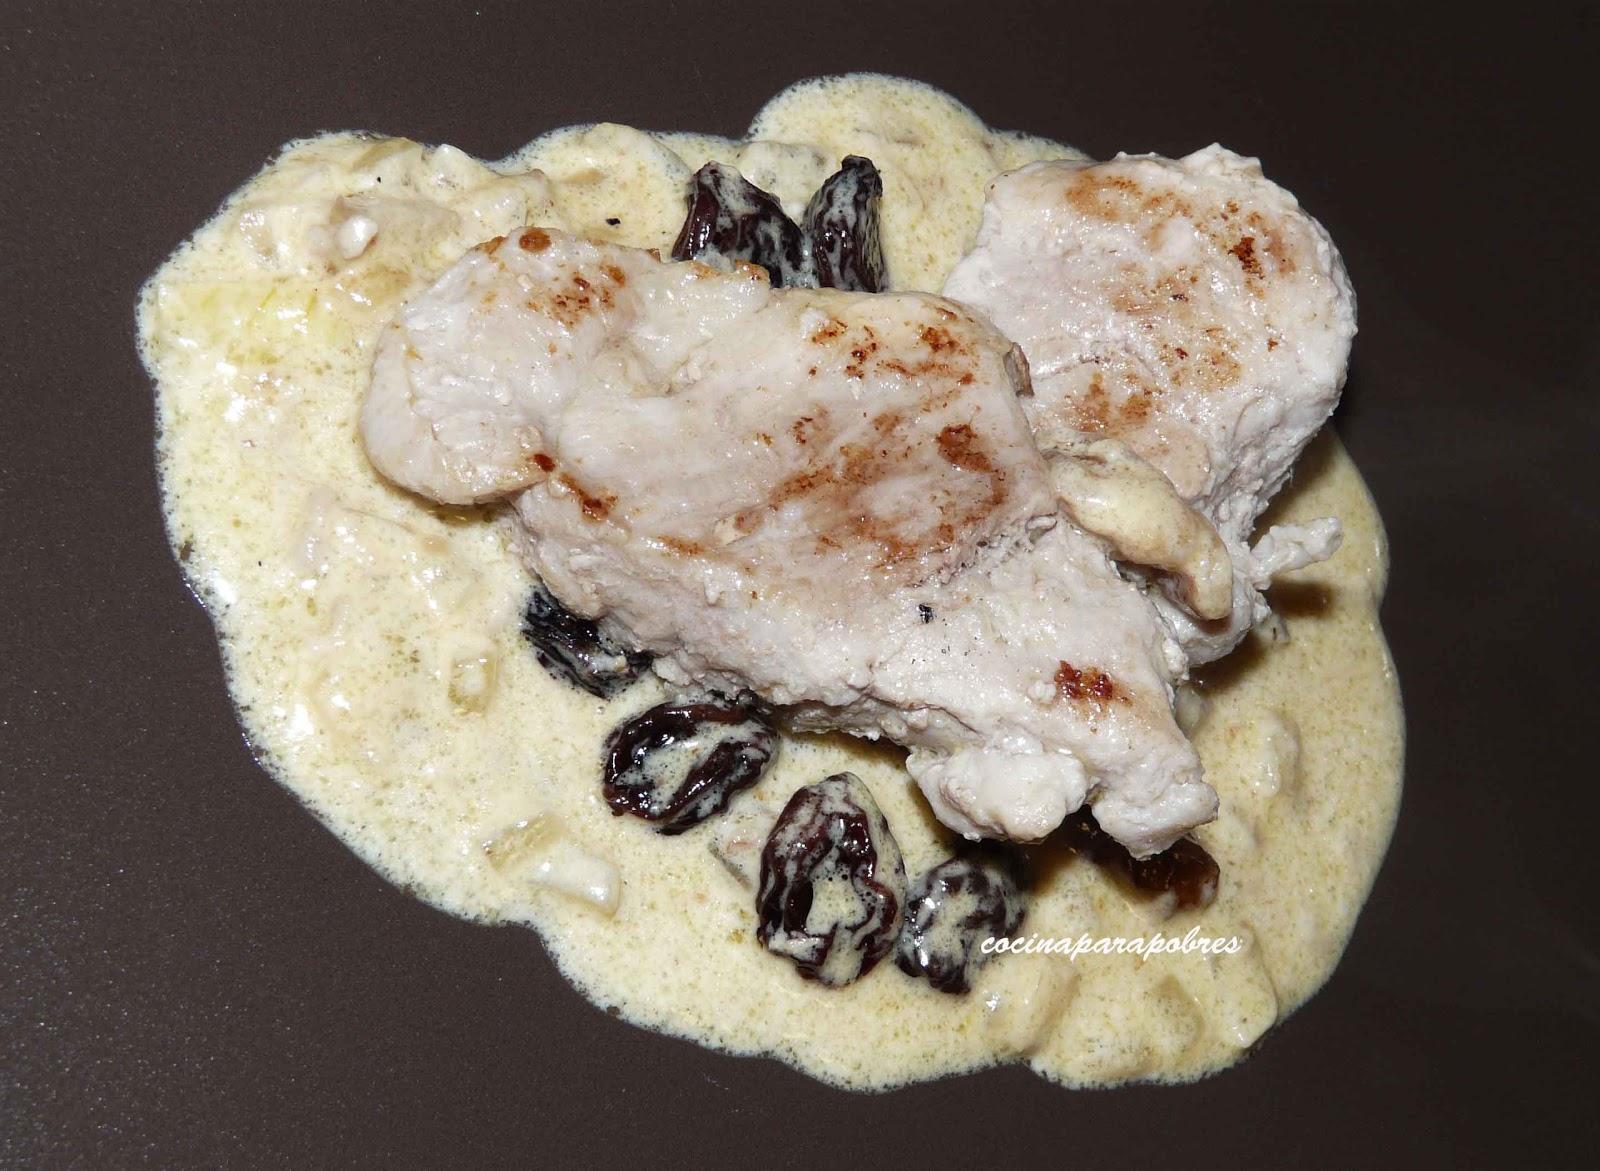 Cocina para pobres solomillo con nata y frutos secos - Como hacer nata para cocinar ...